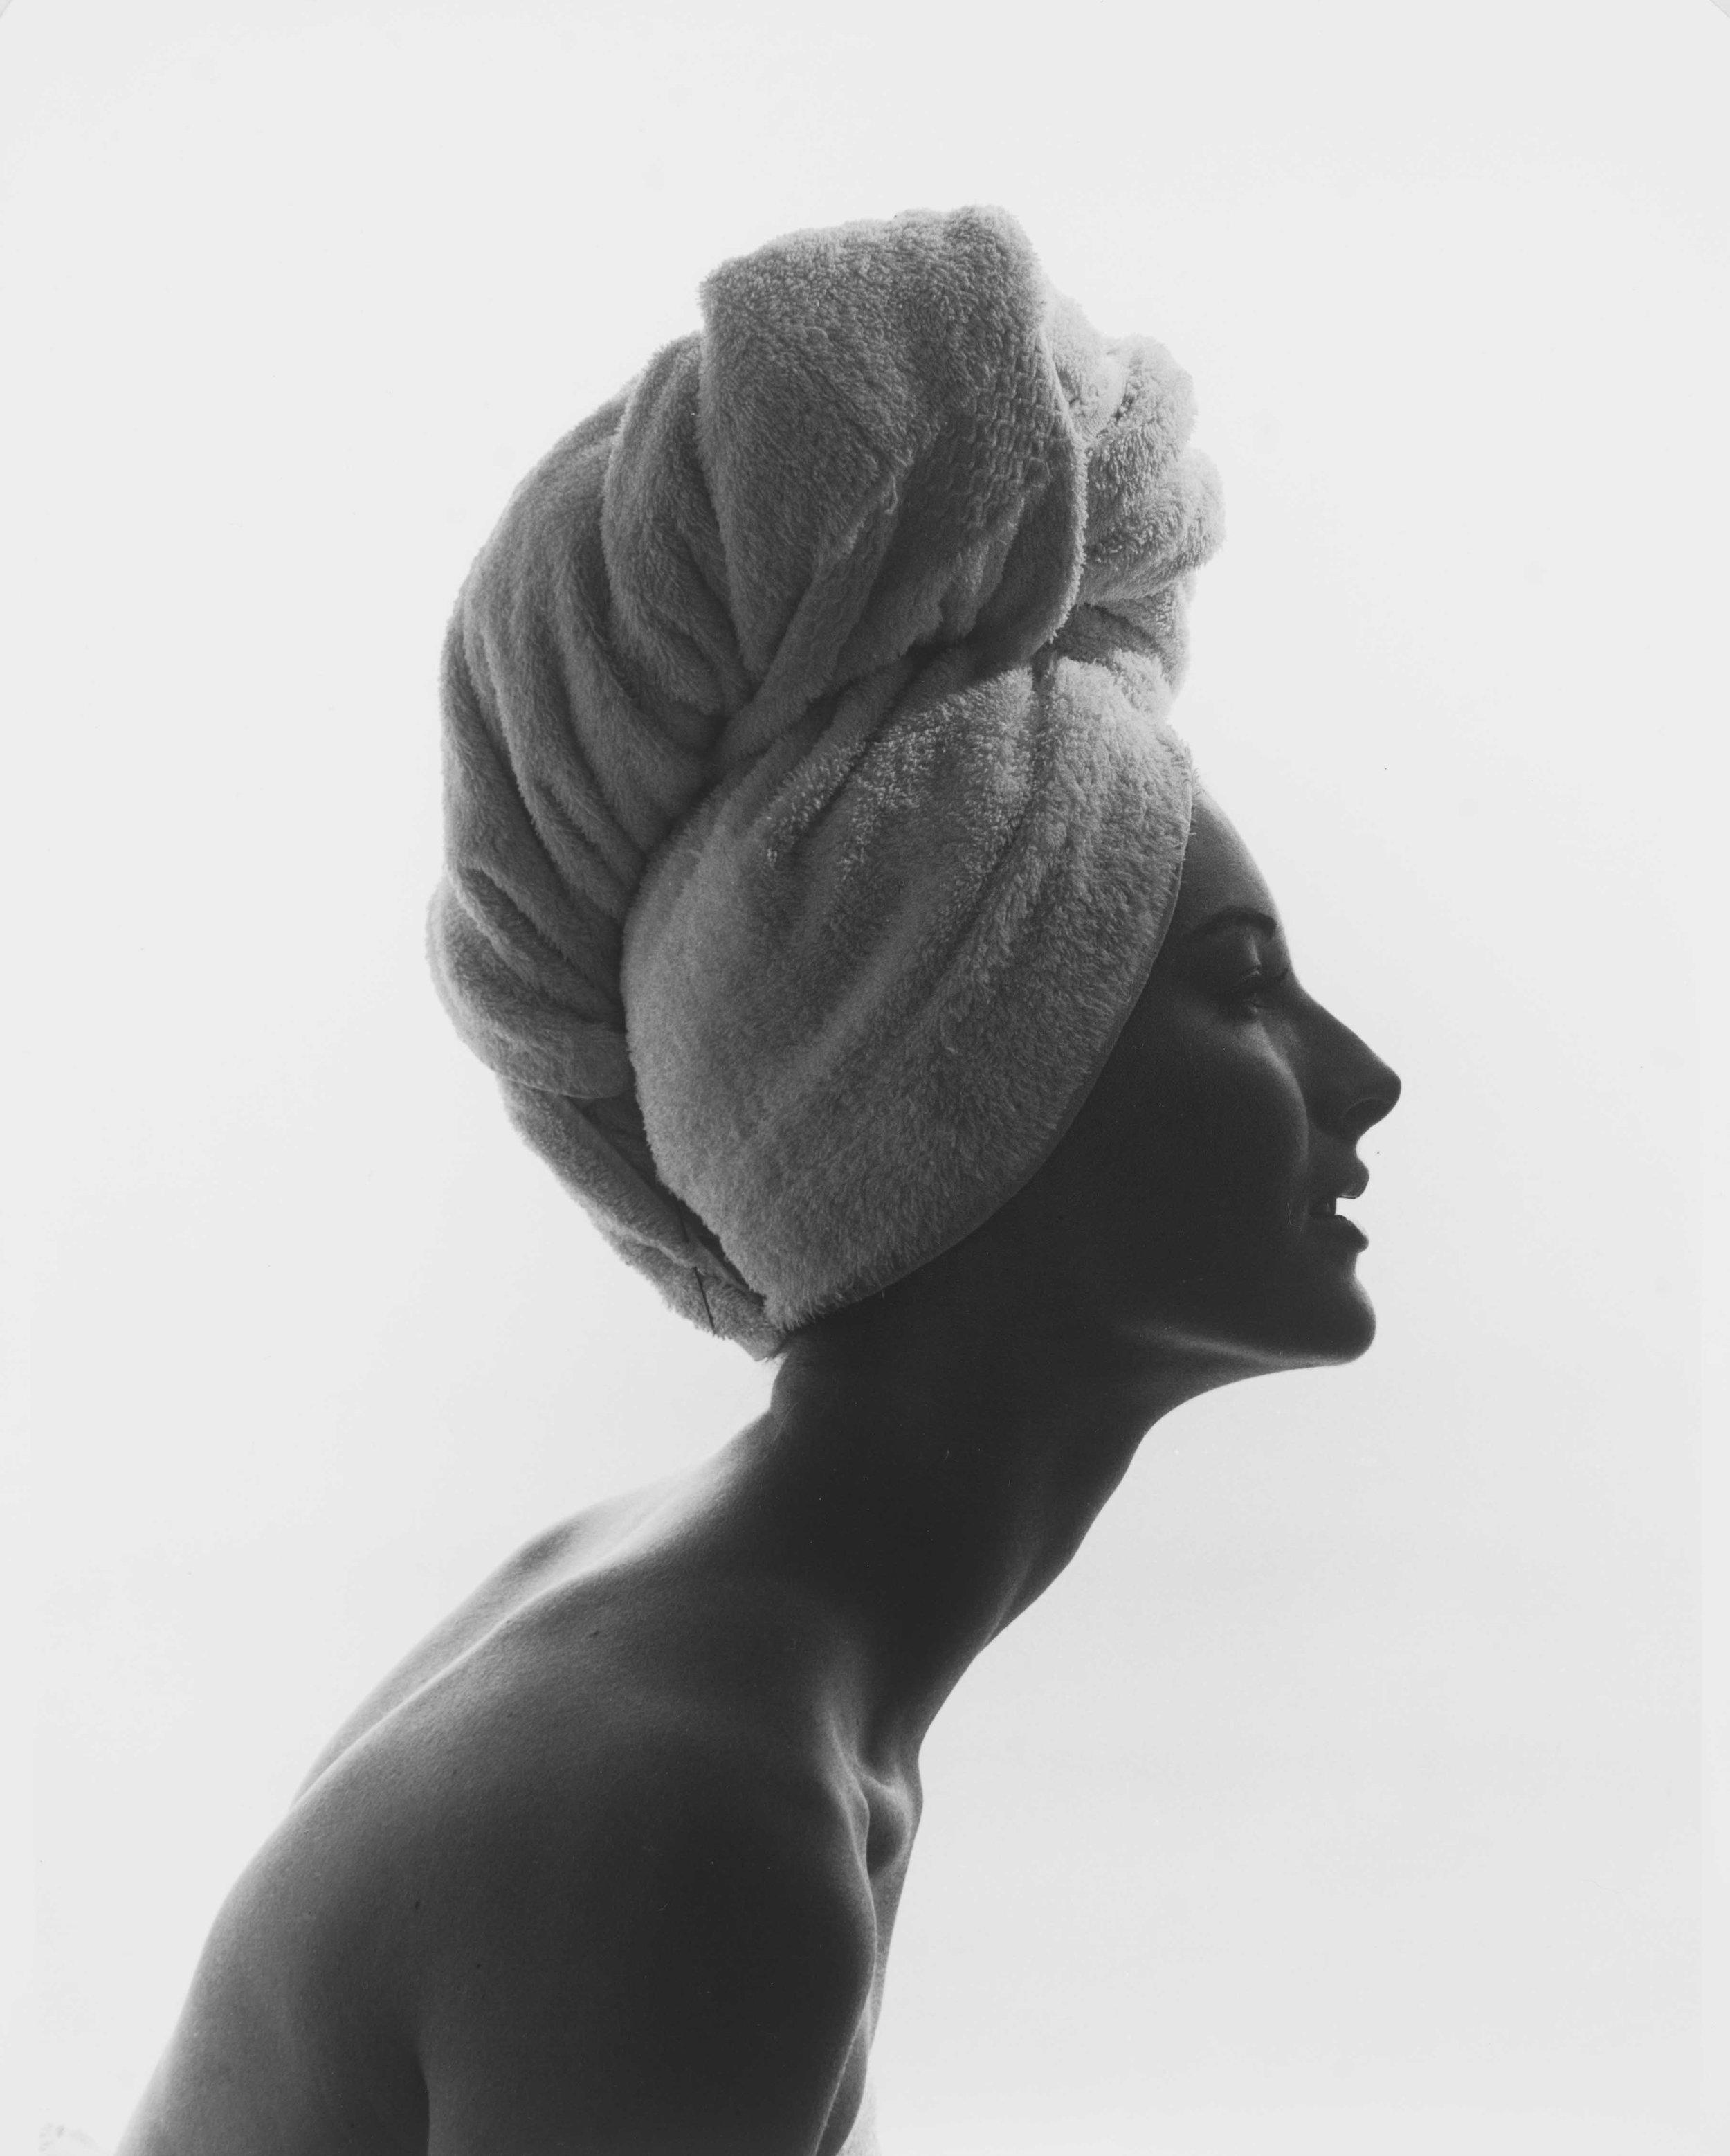 Leslie ames 1950 by Fernand Fonssagrives